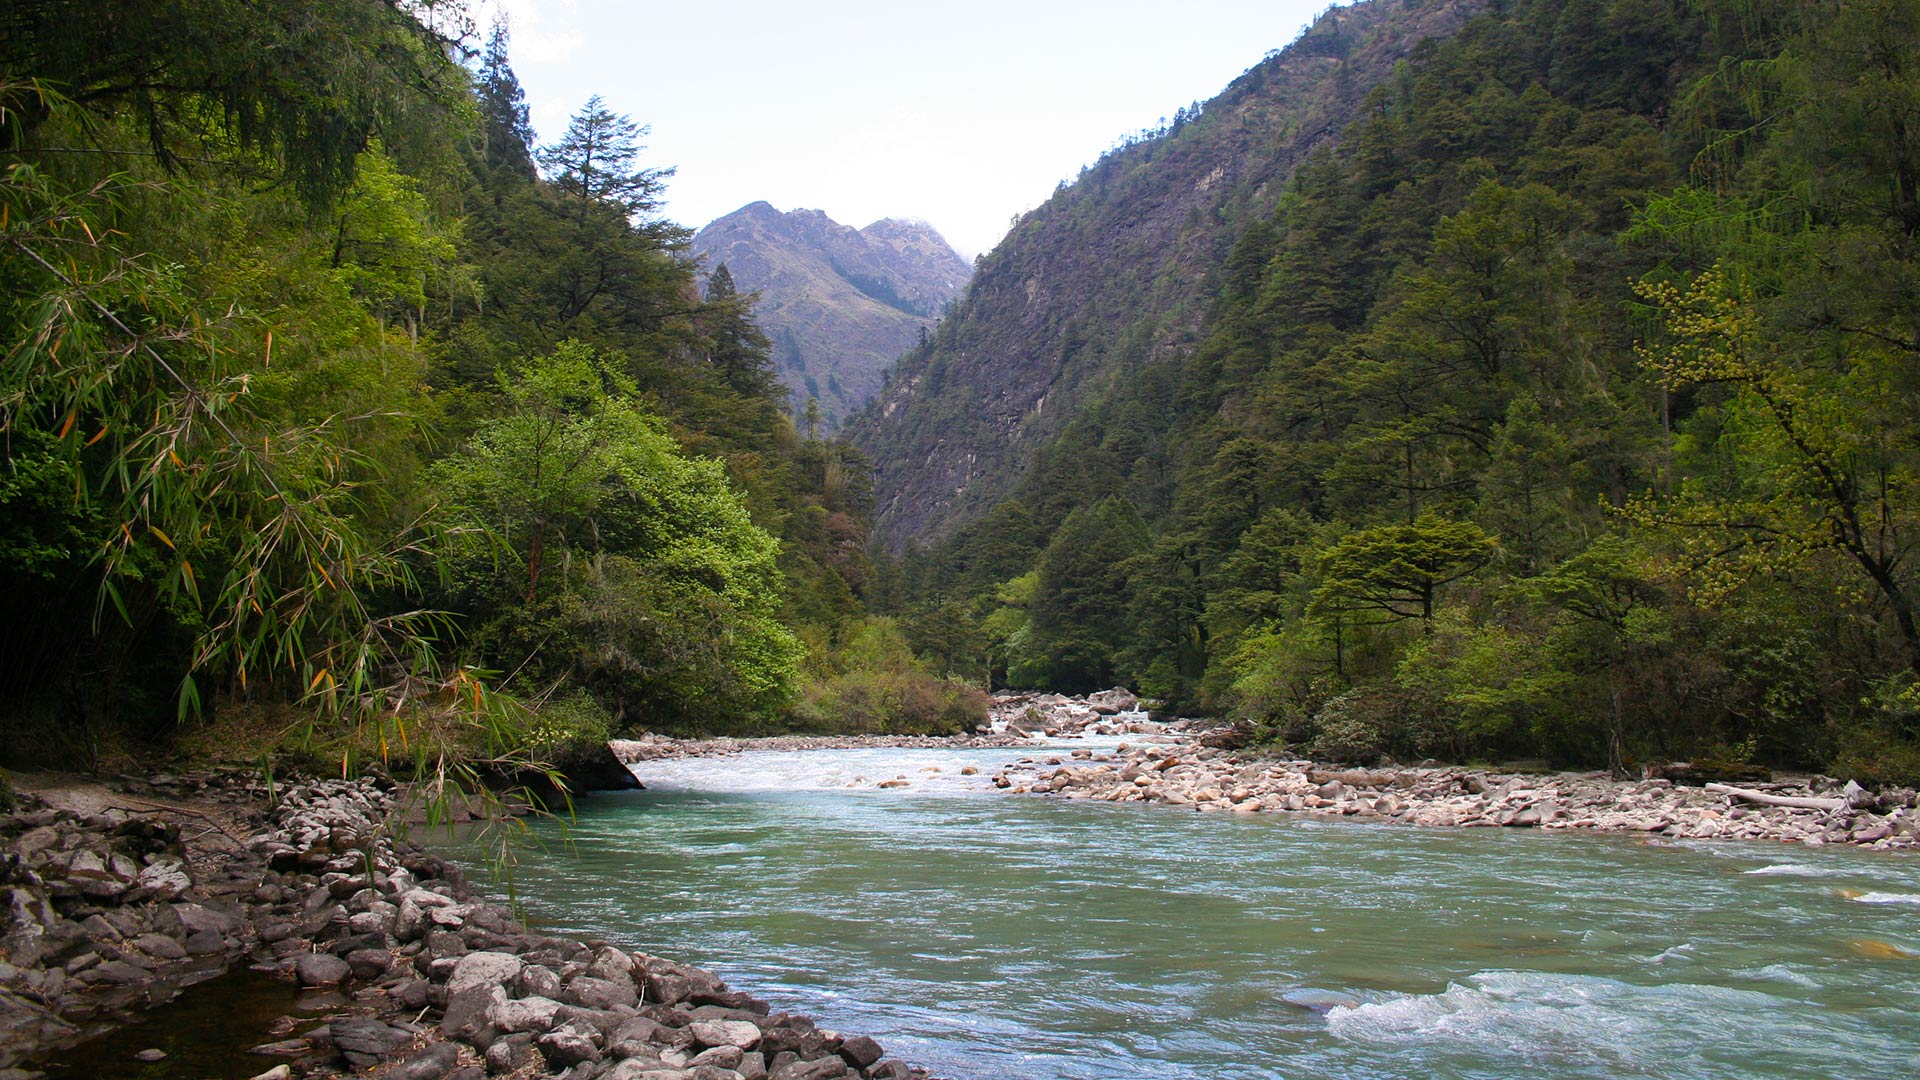 Crossing the Chamkhar Chu river on the Gangkhar Puensum trek in Bhutan